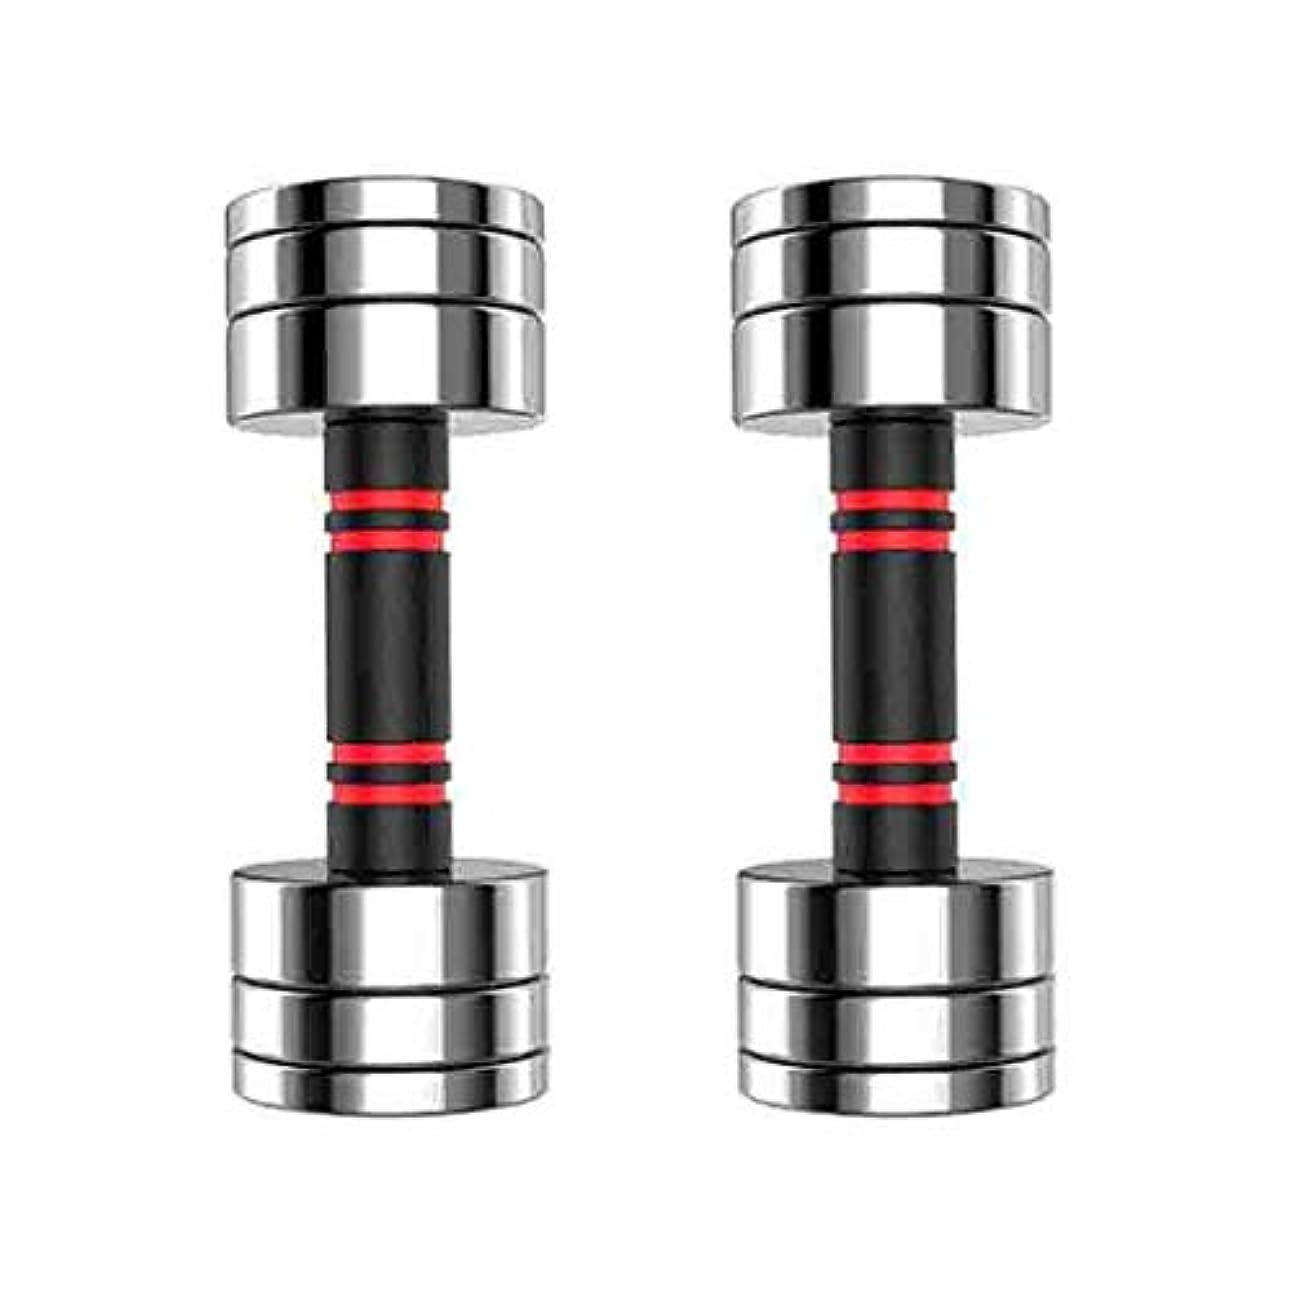 セラーチャンバービットダンベル調節可能なダンベル調節可能な重量、家庭用スポーツ用品純銅ダンベル携帯用ダンベル取り外し可能なダンベル(2パック)